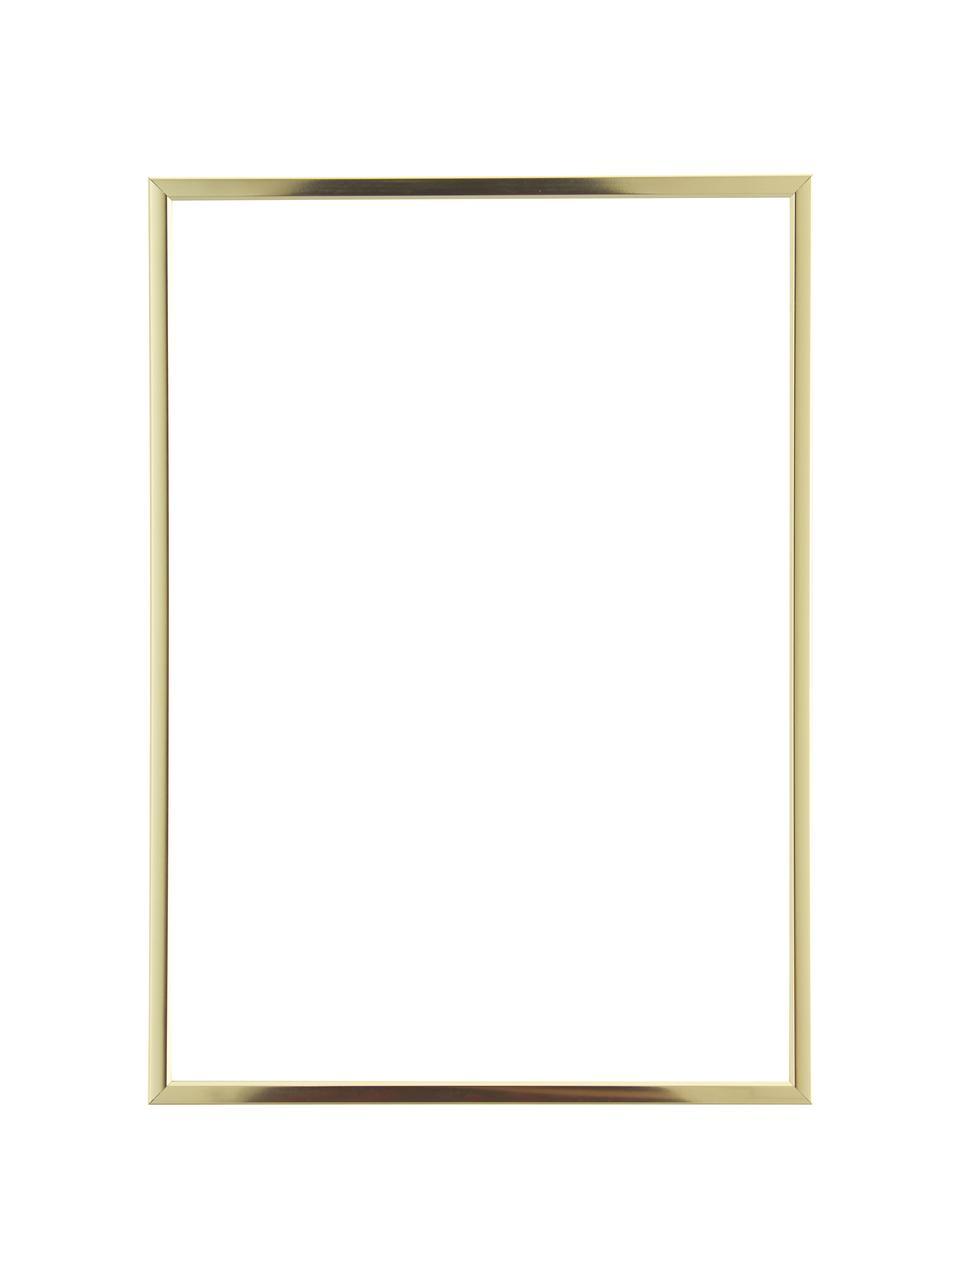 Bilderrahmen Accent, Rahmen: Aluminium, beschichtet, Front: Glas, Rückseite: Mitteldichte Holzfaserpla, Messingfarben, 21 x 30 cm